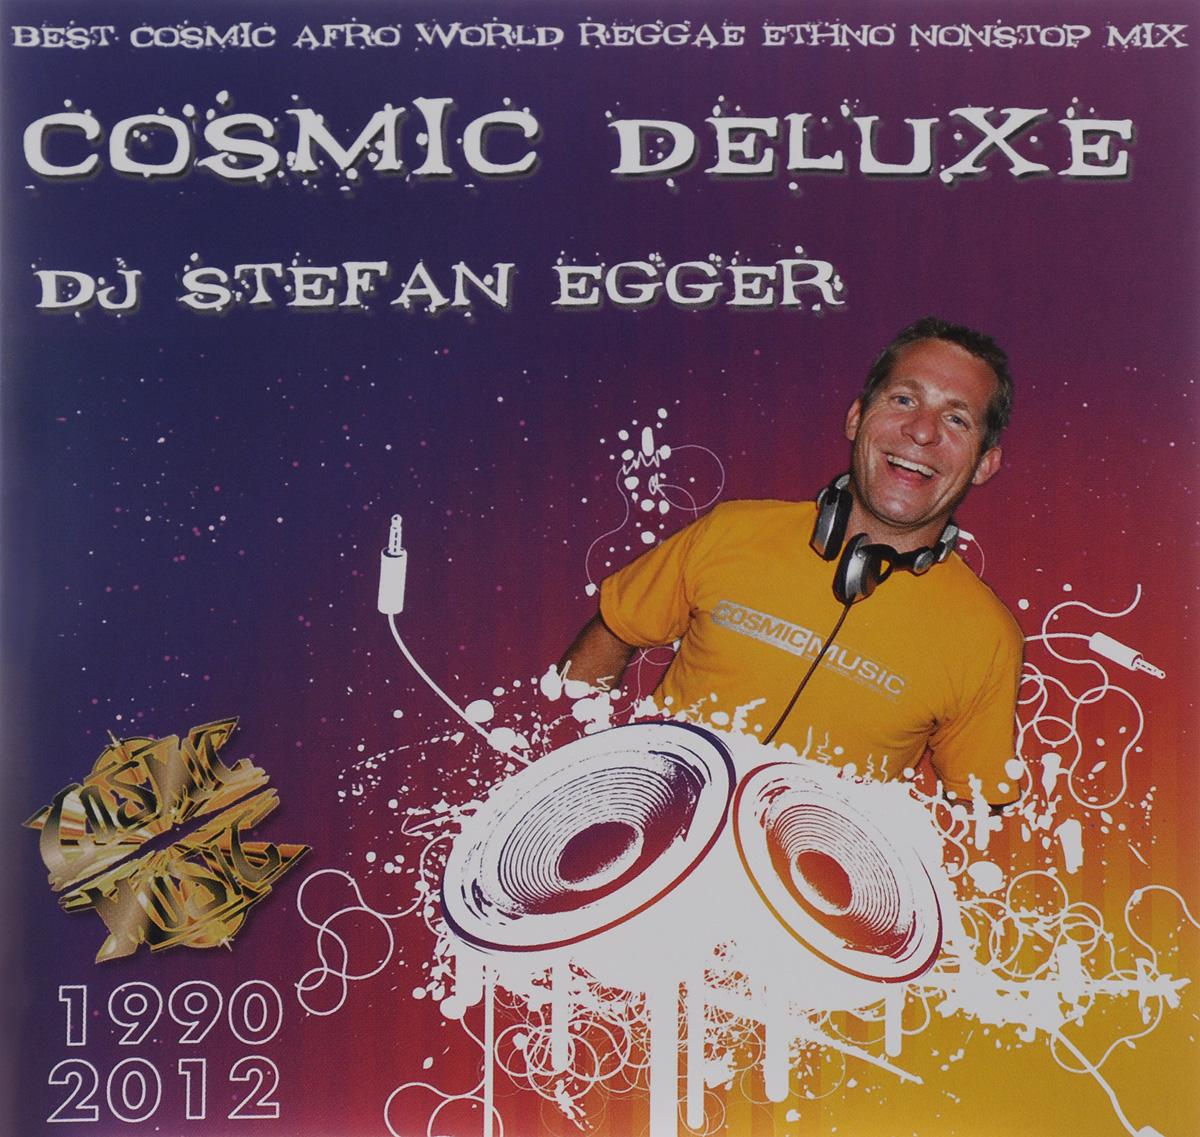 Stefan Egger / DJ Stefan Egger DJ Stefan Egger. Cosmic Deluxe stefan egger dj stefan egger dj stefan egger cosmic evolution